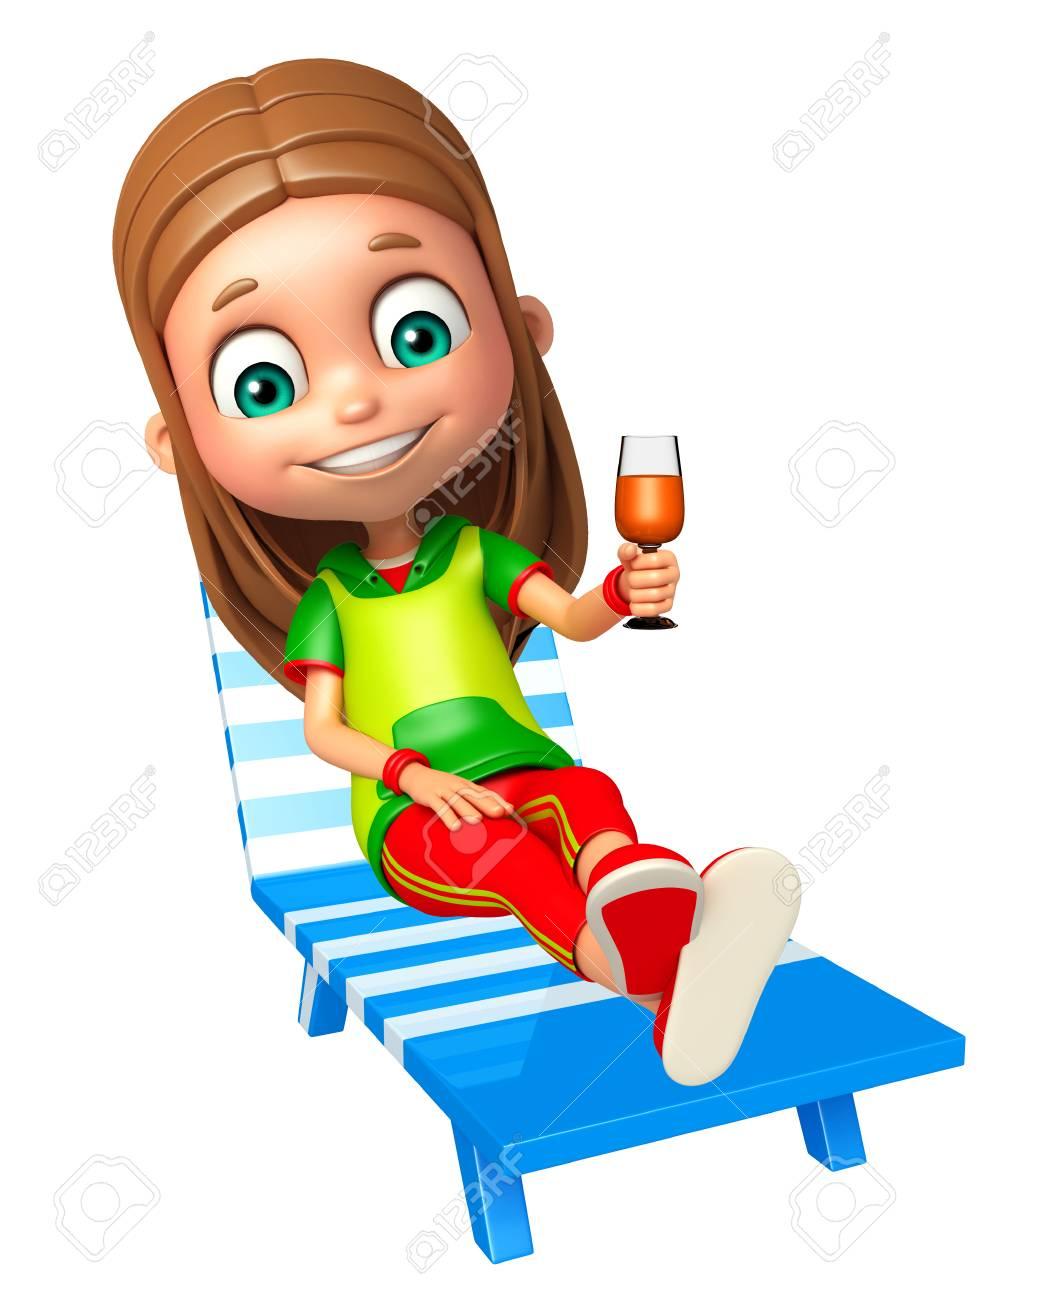 Strandkorb clipart  Kind Mädchen Mit Strandkorb Und Saft Aus Glas Lizenzfreie Fotos ...